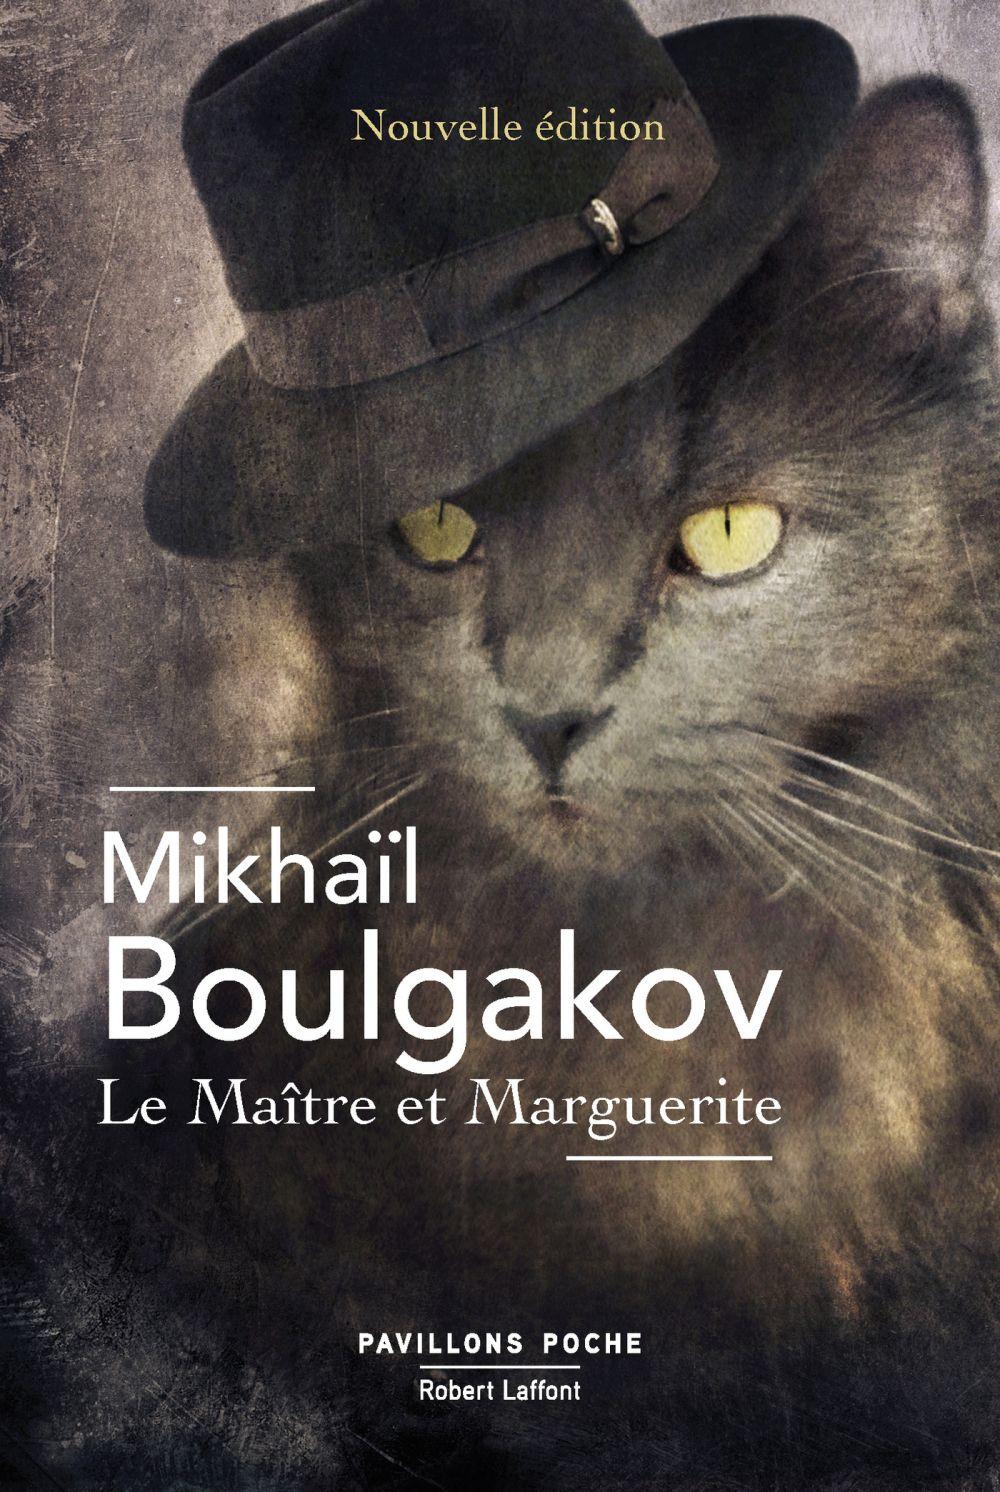 Le Maître et Marguerite | BOULGAKOV, Mikhaïl. Auteur